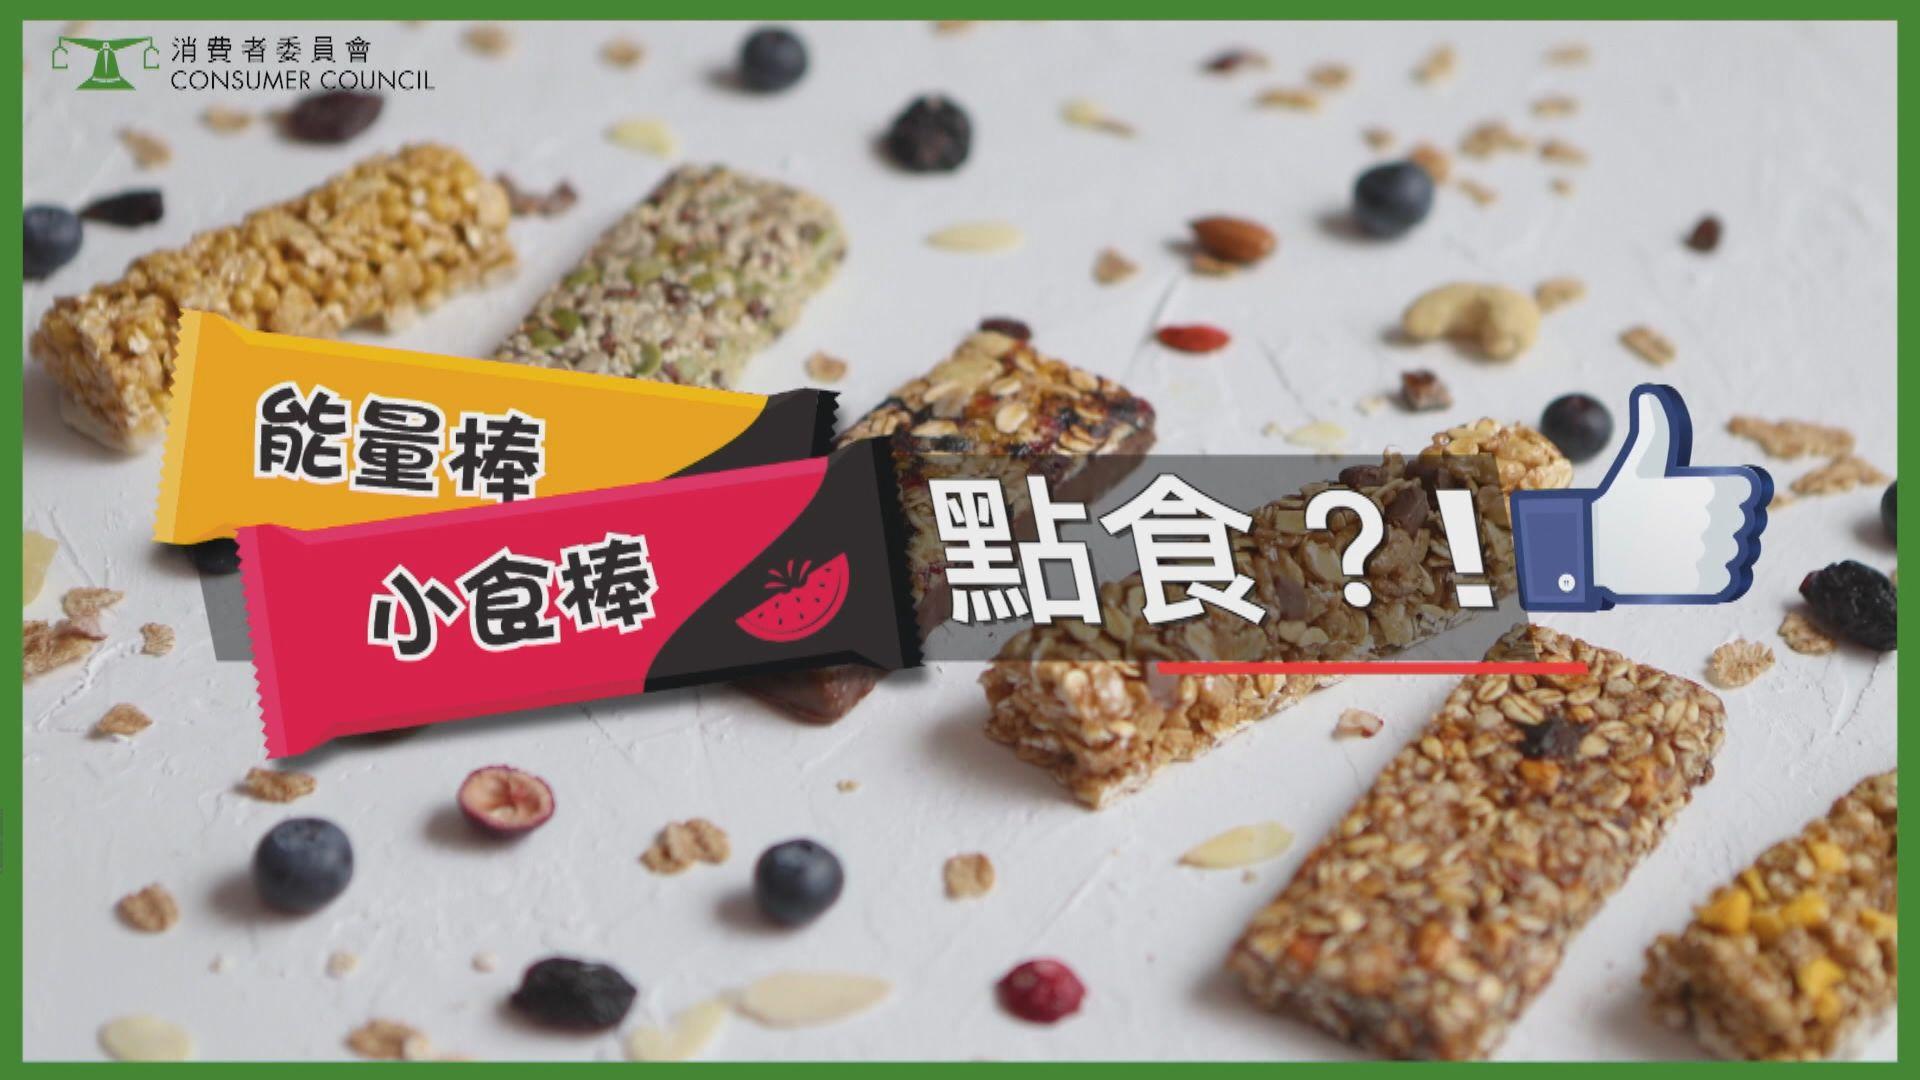 九成能量棒及小食棒達高糖標準 消委會籲適量進食